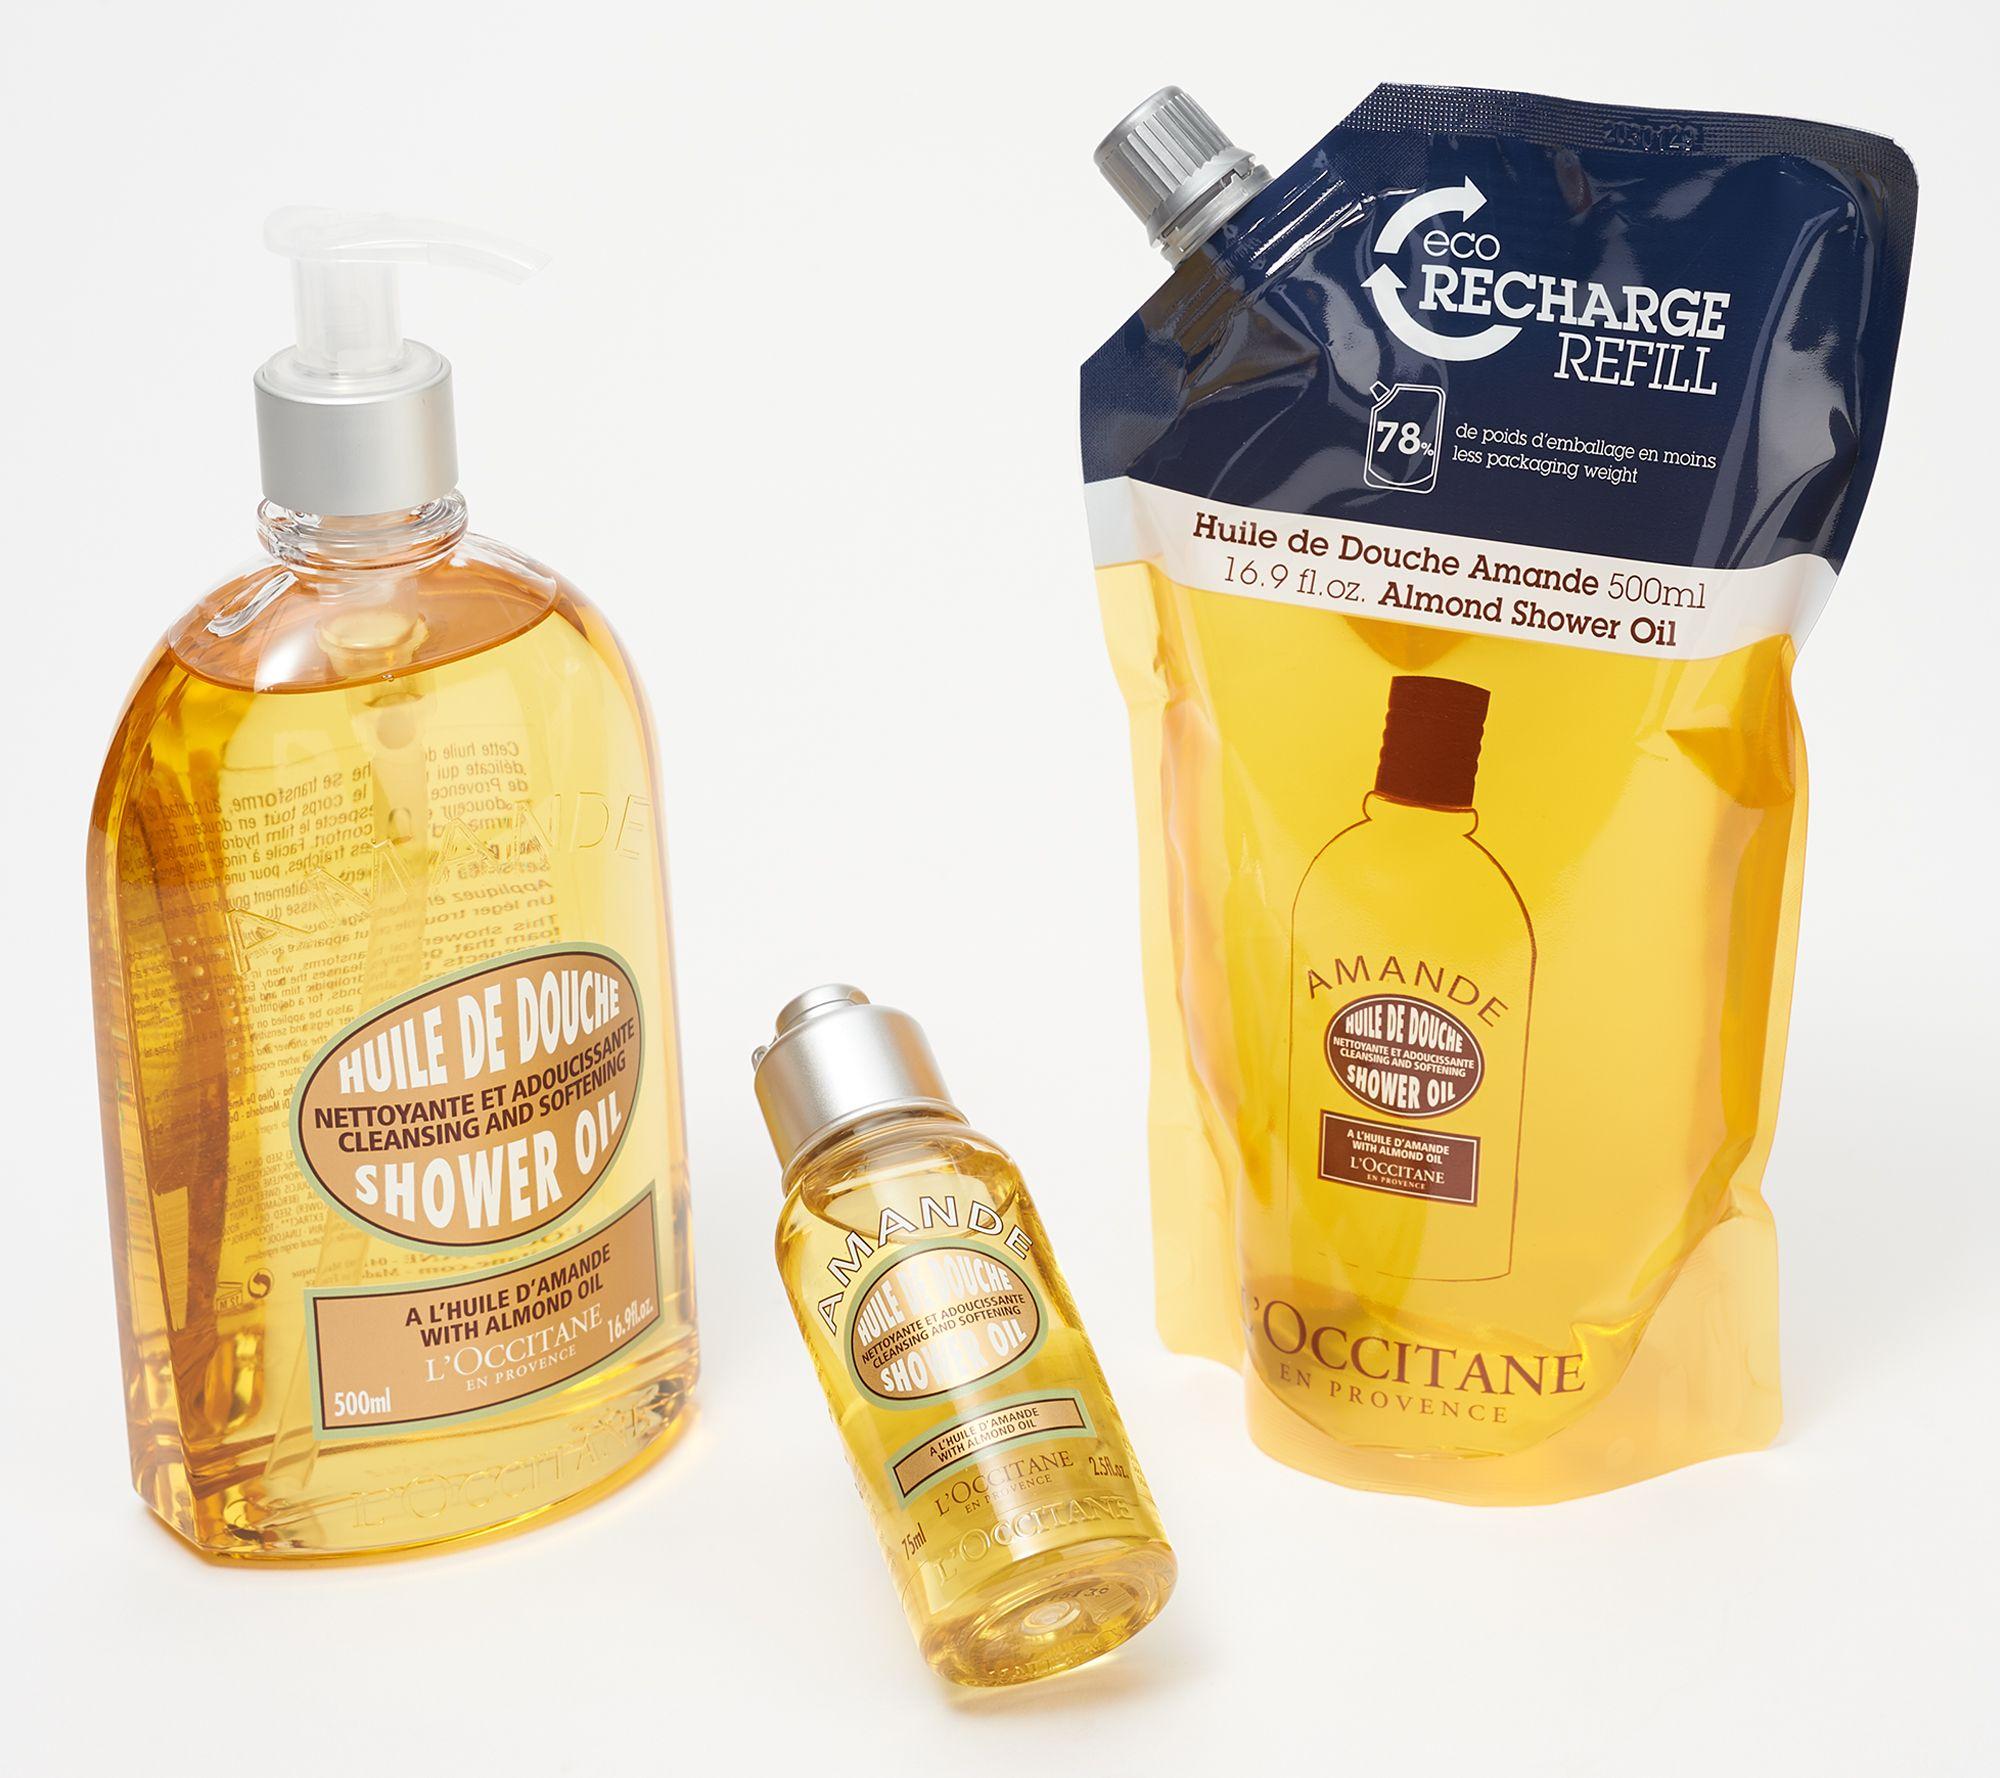 L'occitane Shower Oil Trio by L'occitane Includes: